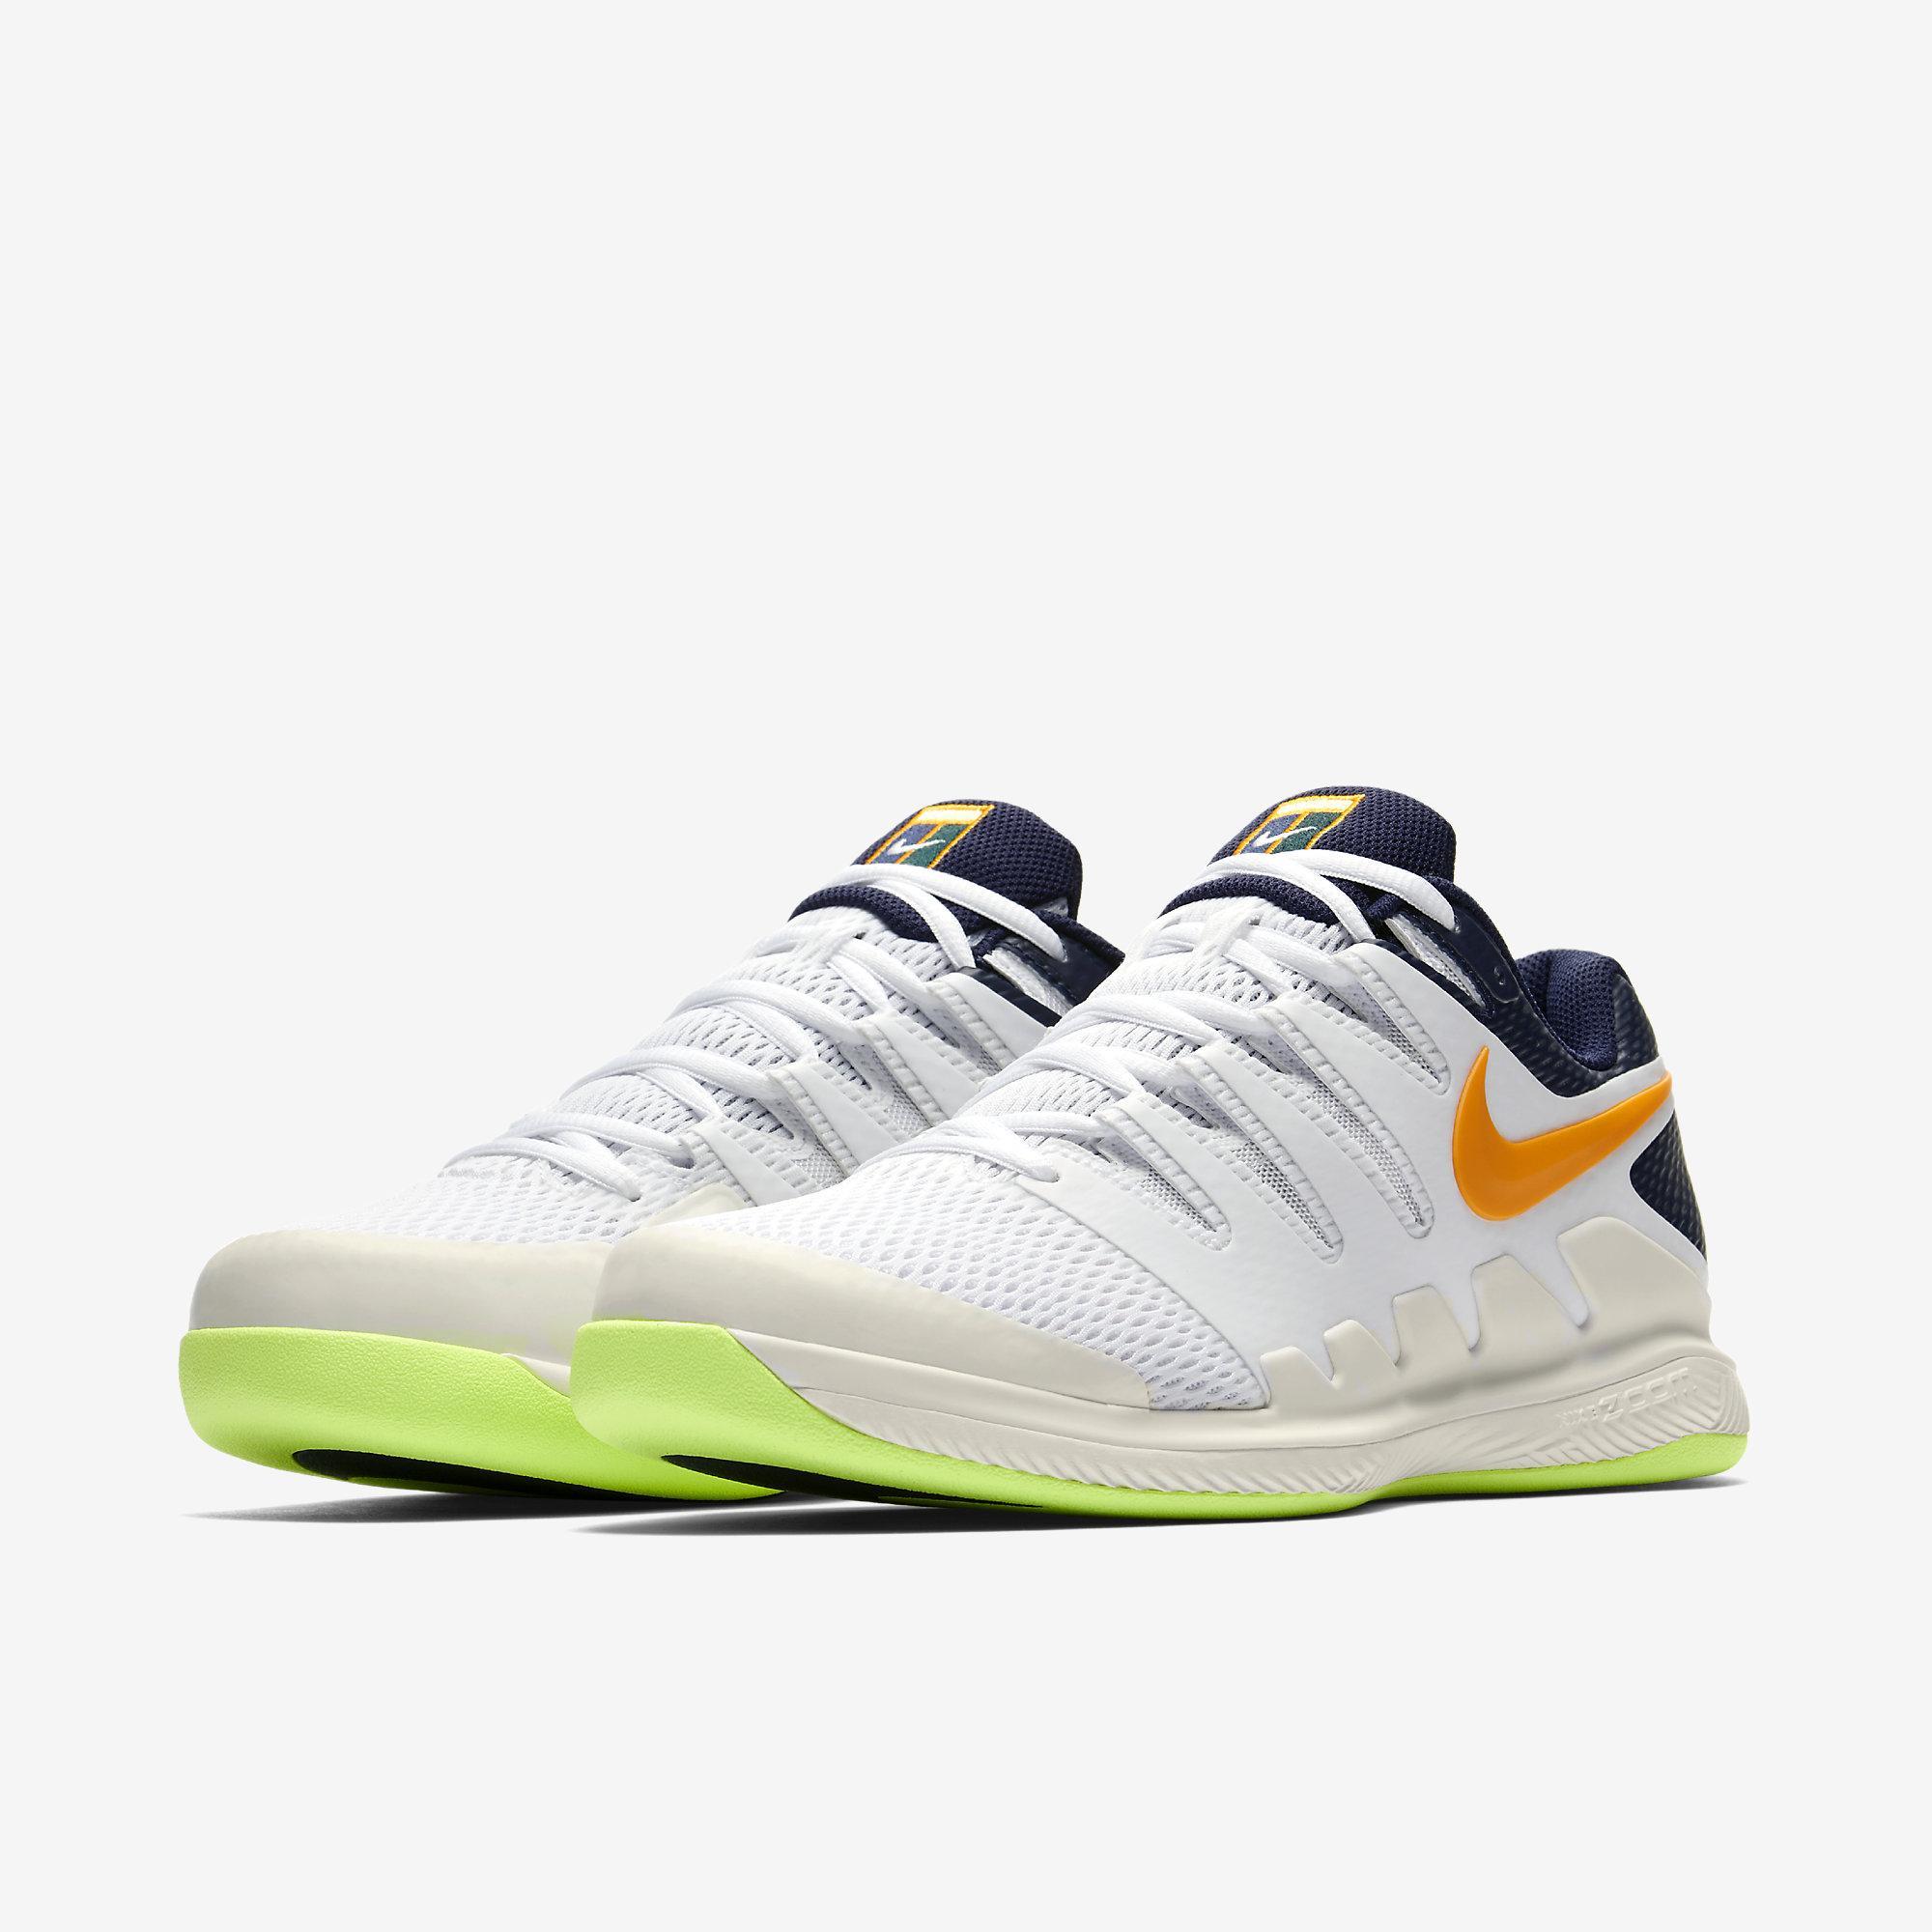 Nike Mens Air Zoom Vapor X Carpet